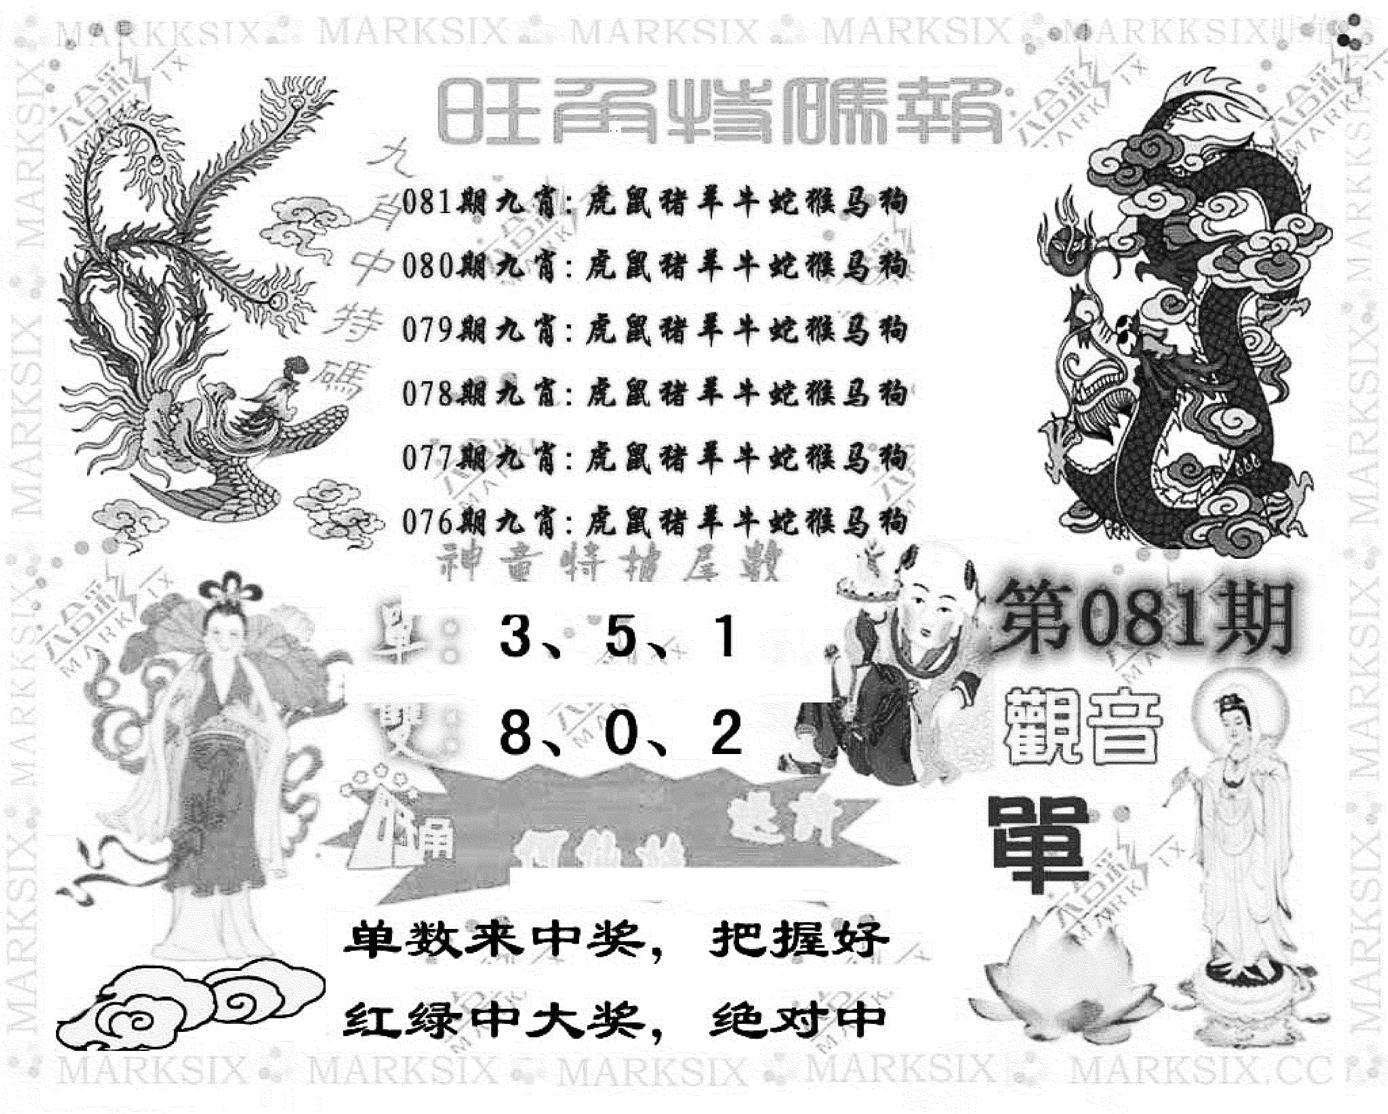 081期旺角特码报(彩)(黑白)